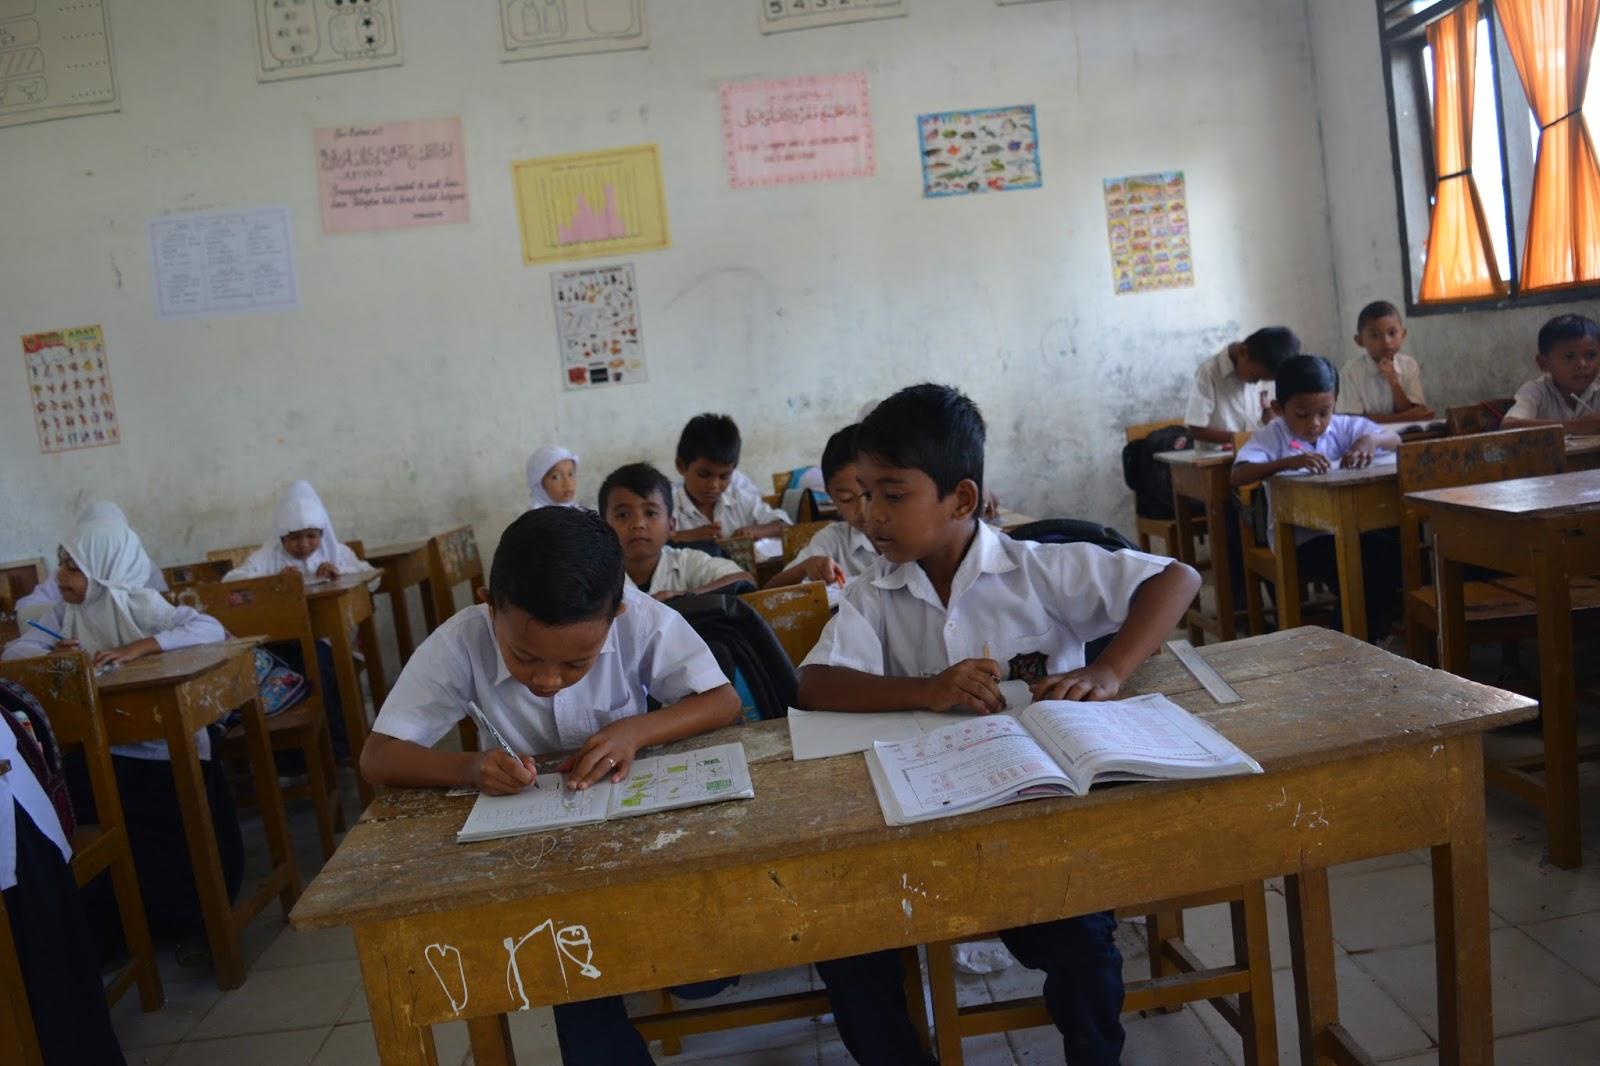 Siswa SDN Cot Baroh Sedang Mengikuti Proses Belajar